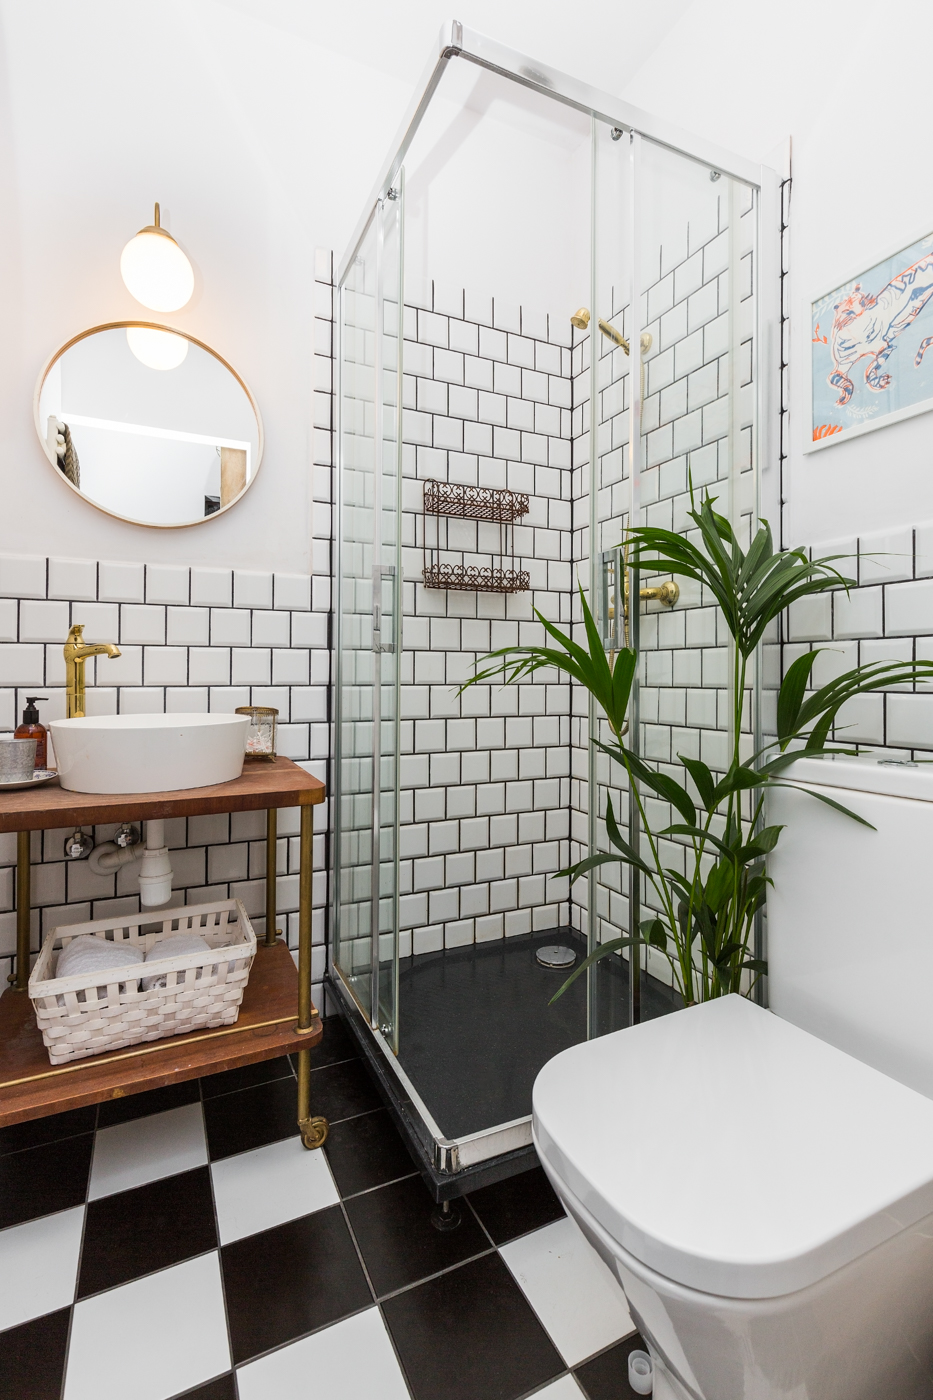 Małe przestrzenie: kawalerka o powierzchni 17 m² zaprojektowana dla artysty